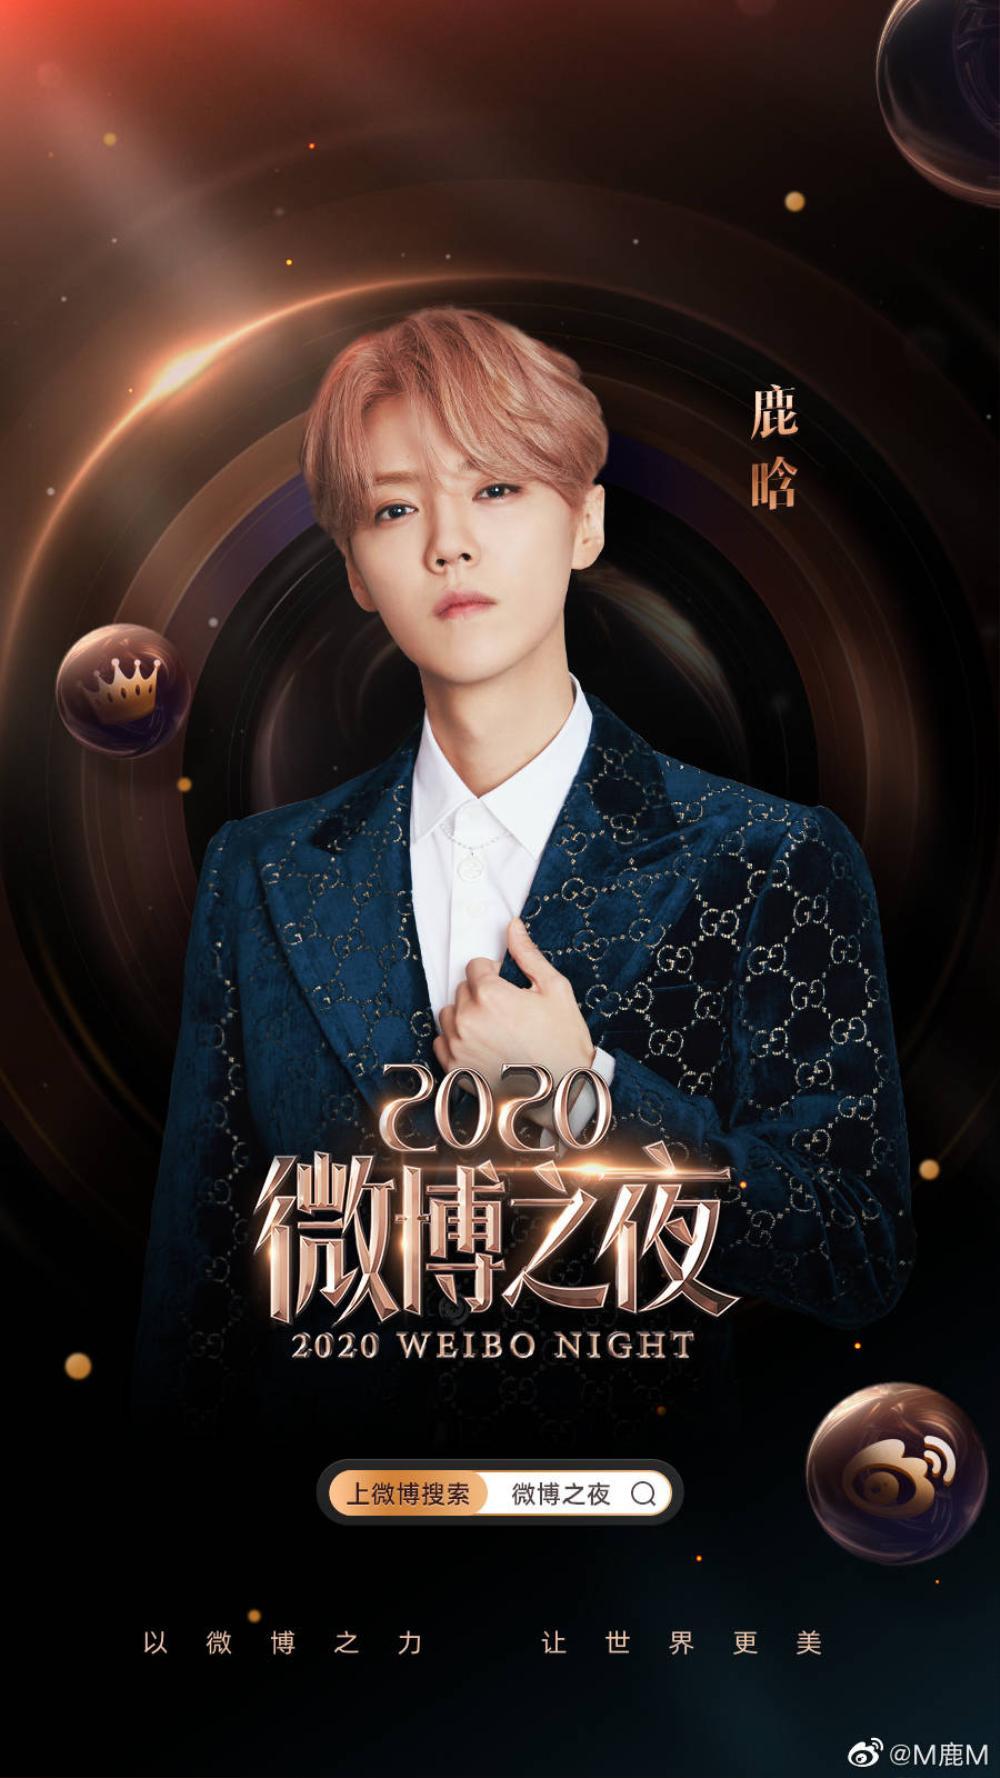 Tiêu Chiến - Địch Lệ Nhiệt Ba và Vương Tuấn Khải xác nhận tham dự 'Đêm hội Weibo 2020' Ảnh 5